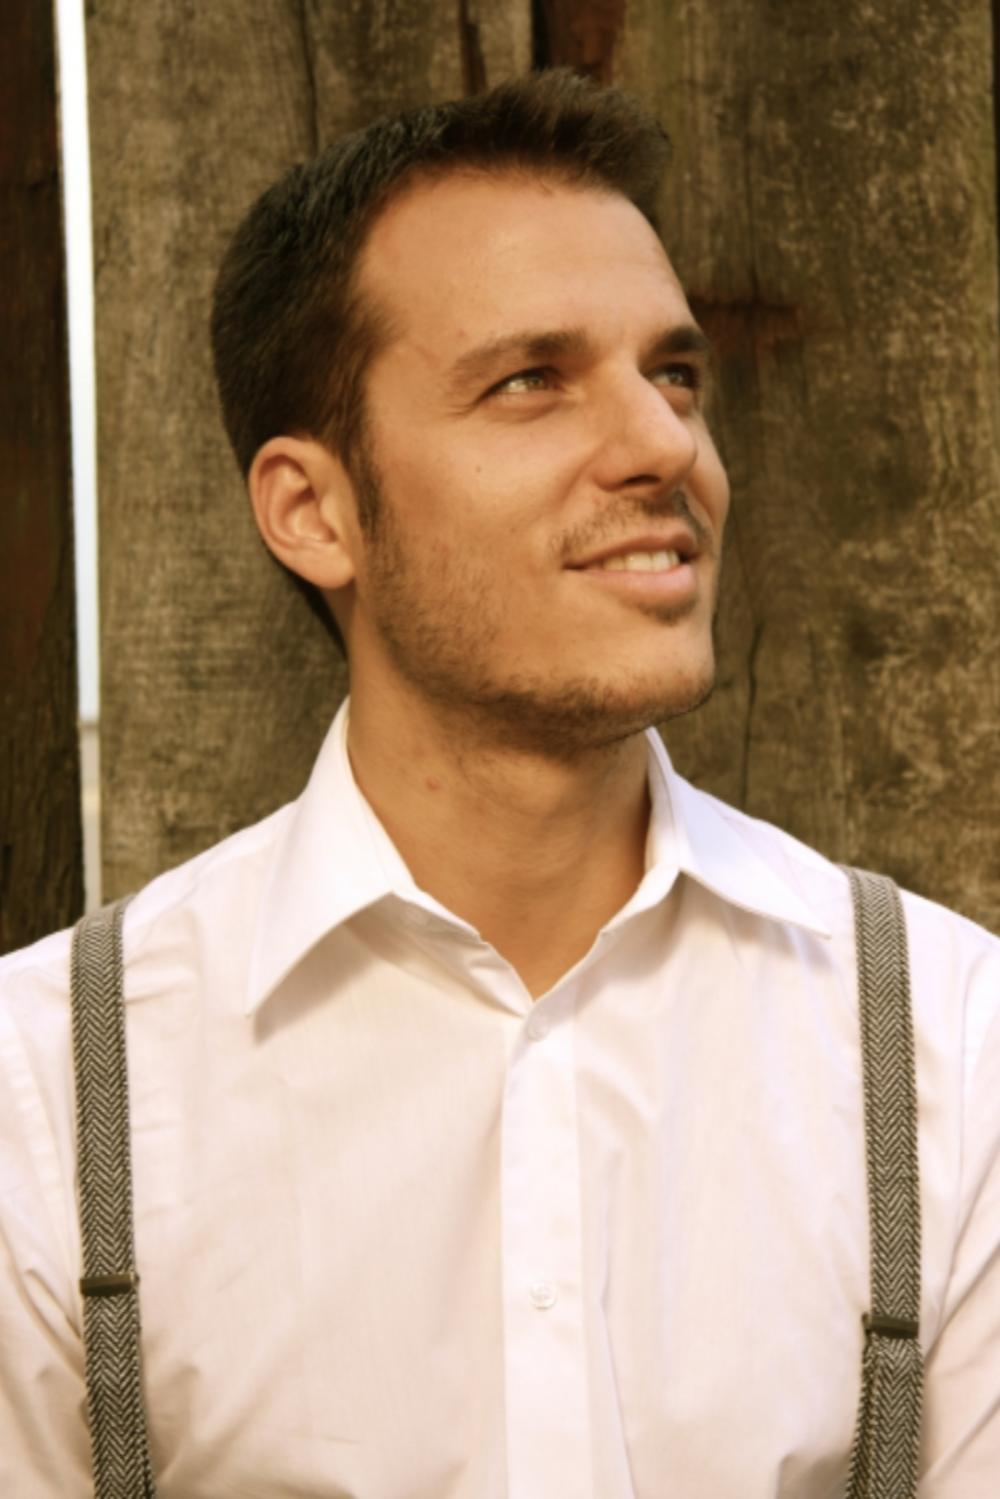 Simon Rohrer